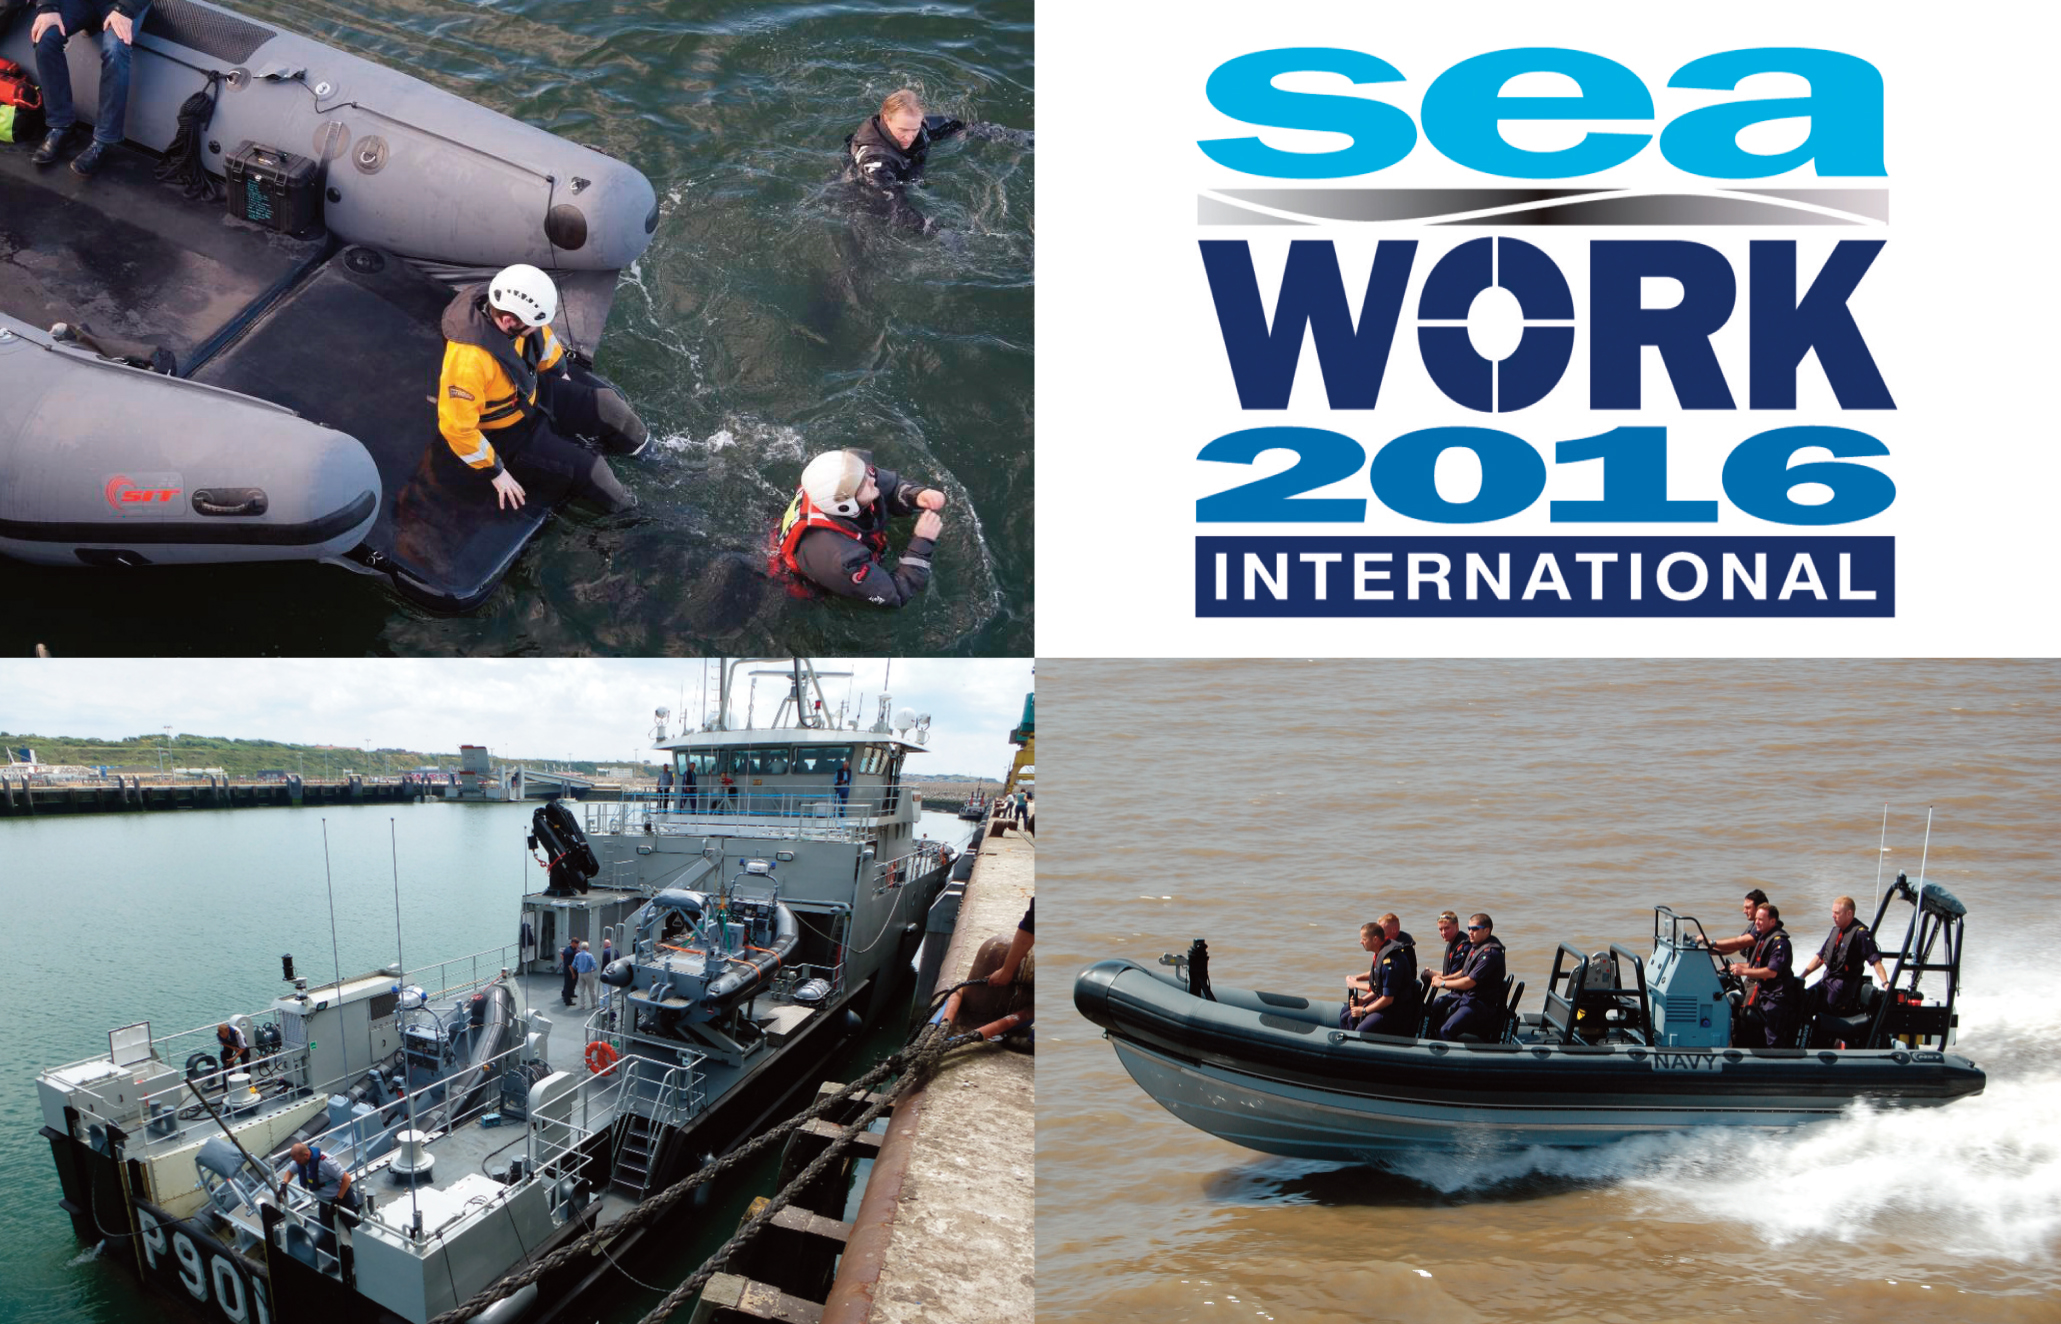 MST at Seawork 2016